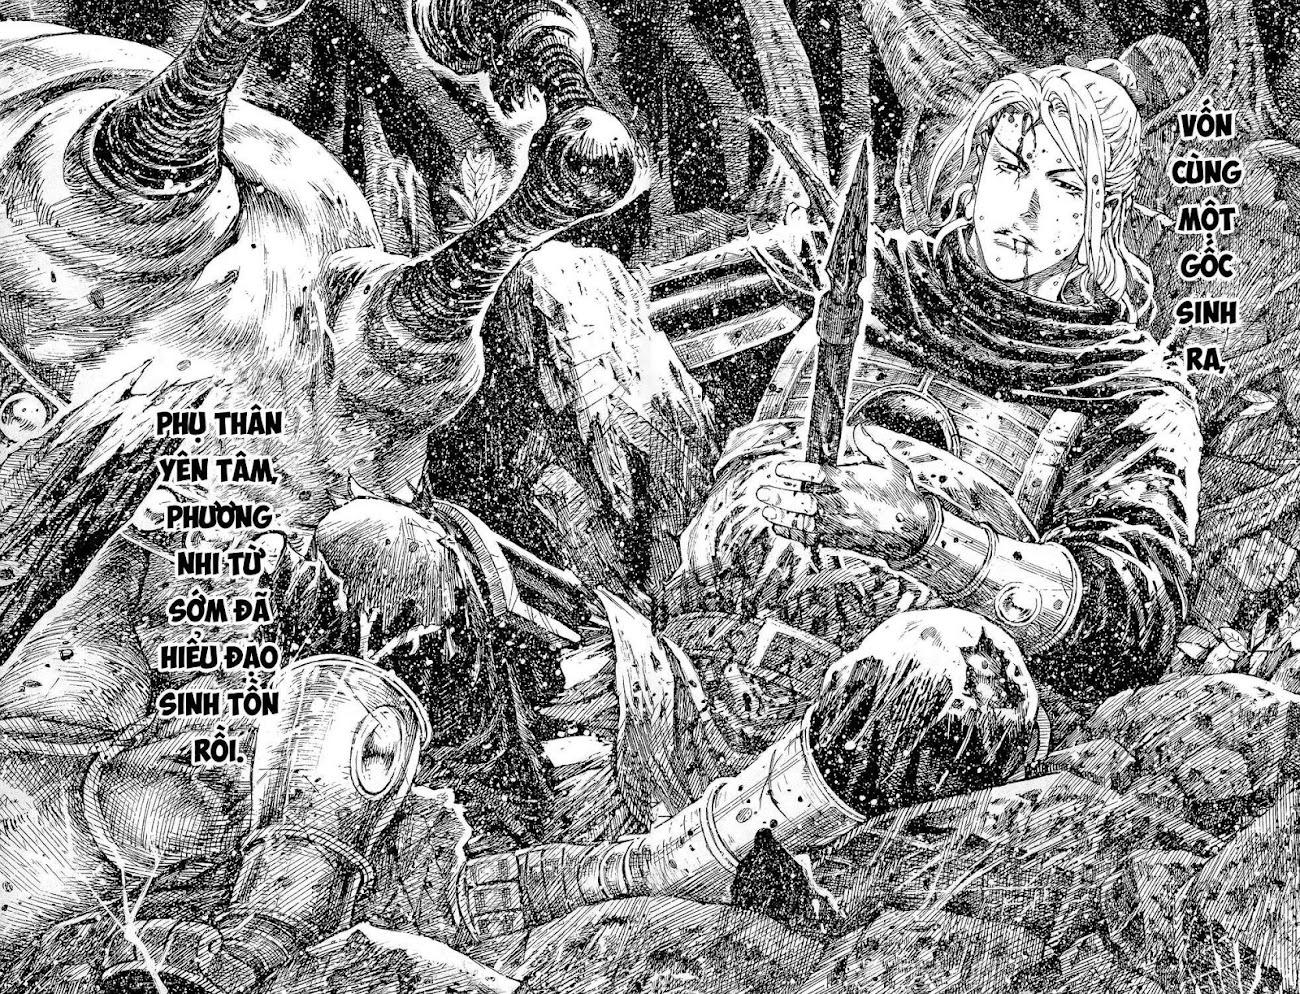 Hỏa phụng liêu nguyên Chương 351: Ma vương hoàn mộng [Remake] trang 14